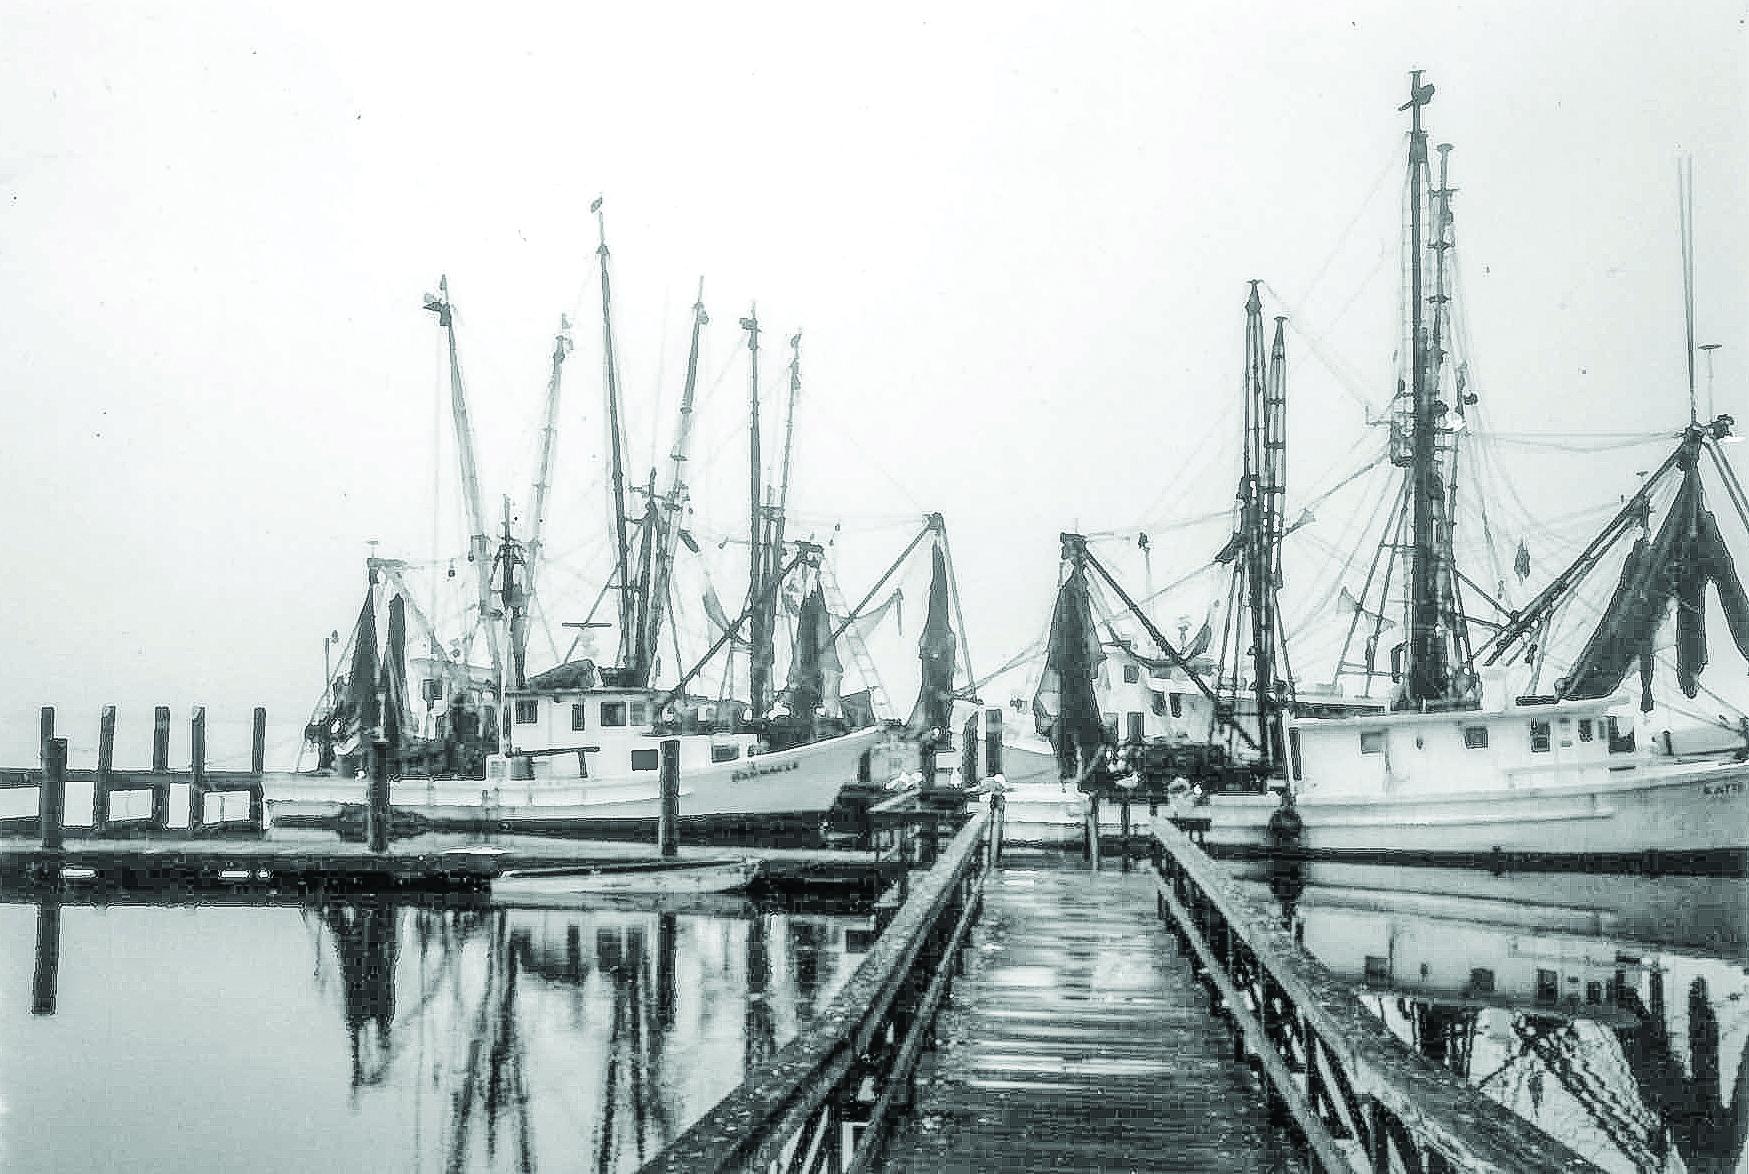 shrimp-boats-history-2.jpg